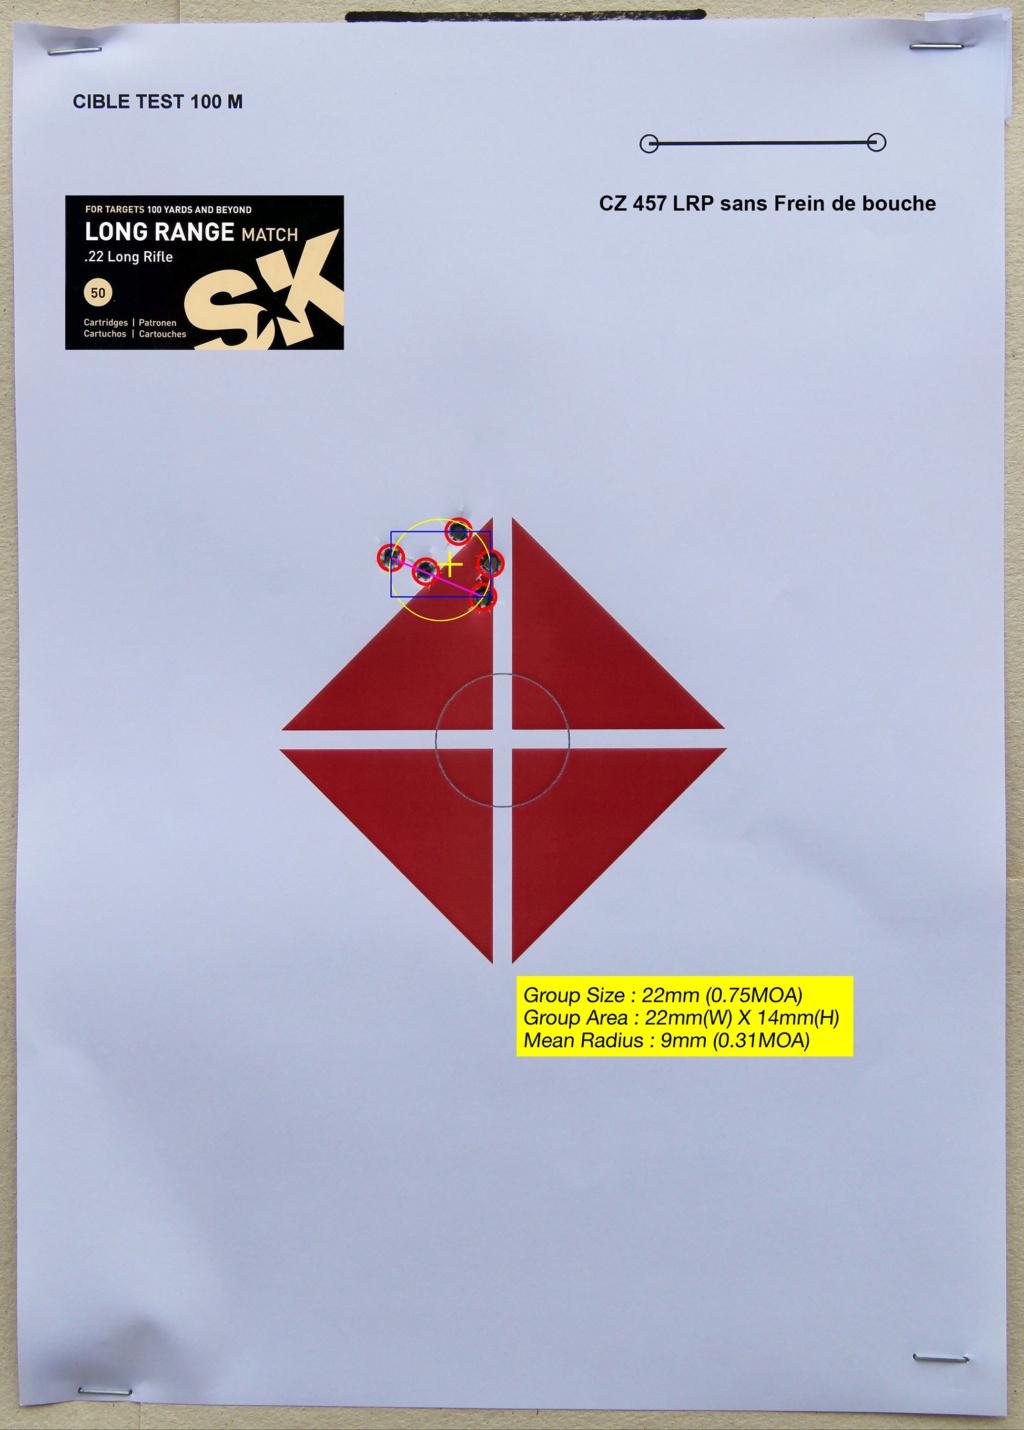 CZ 457 LRP en 22LR pour l'ELR - Page 4 Lrp_sa11